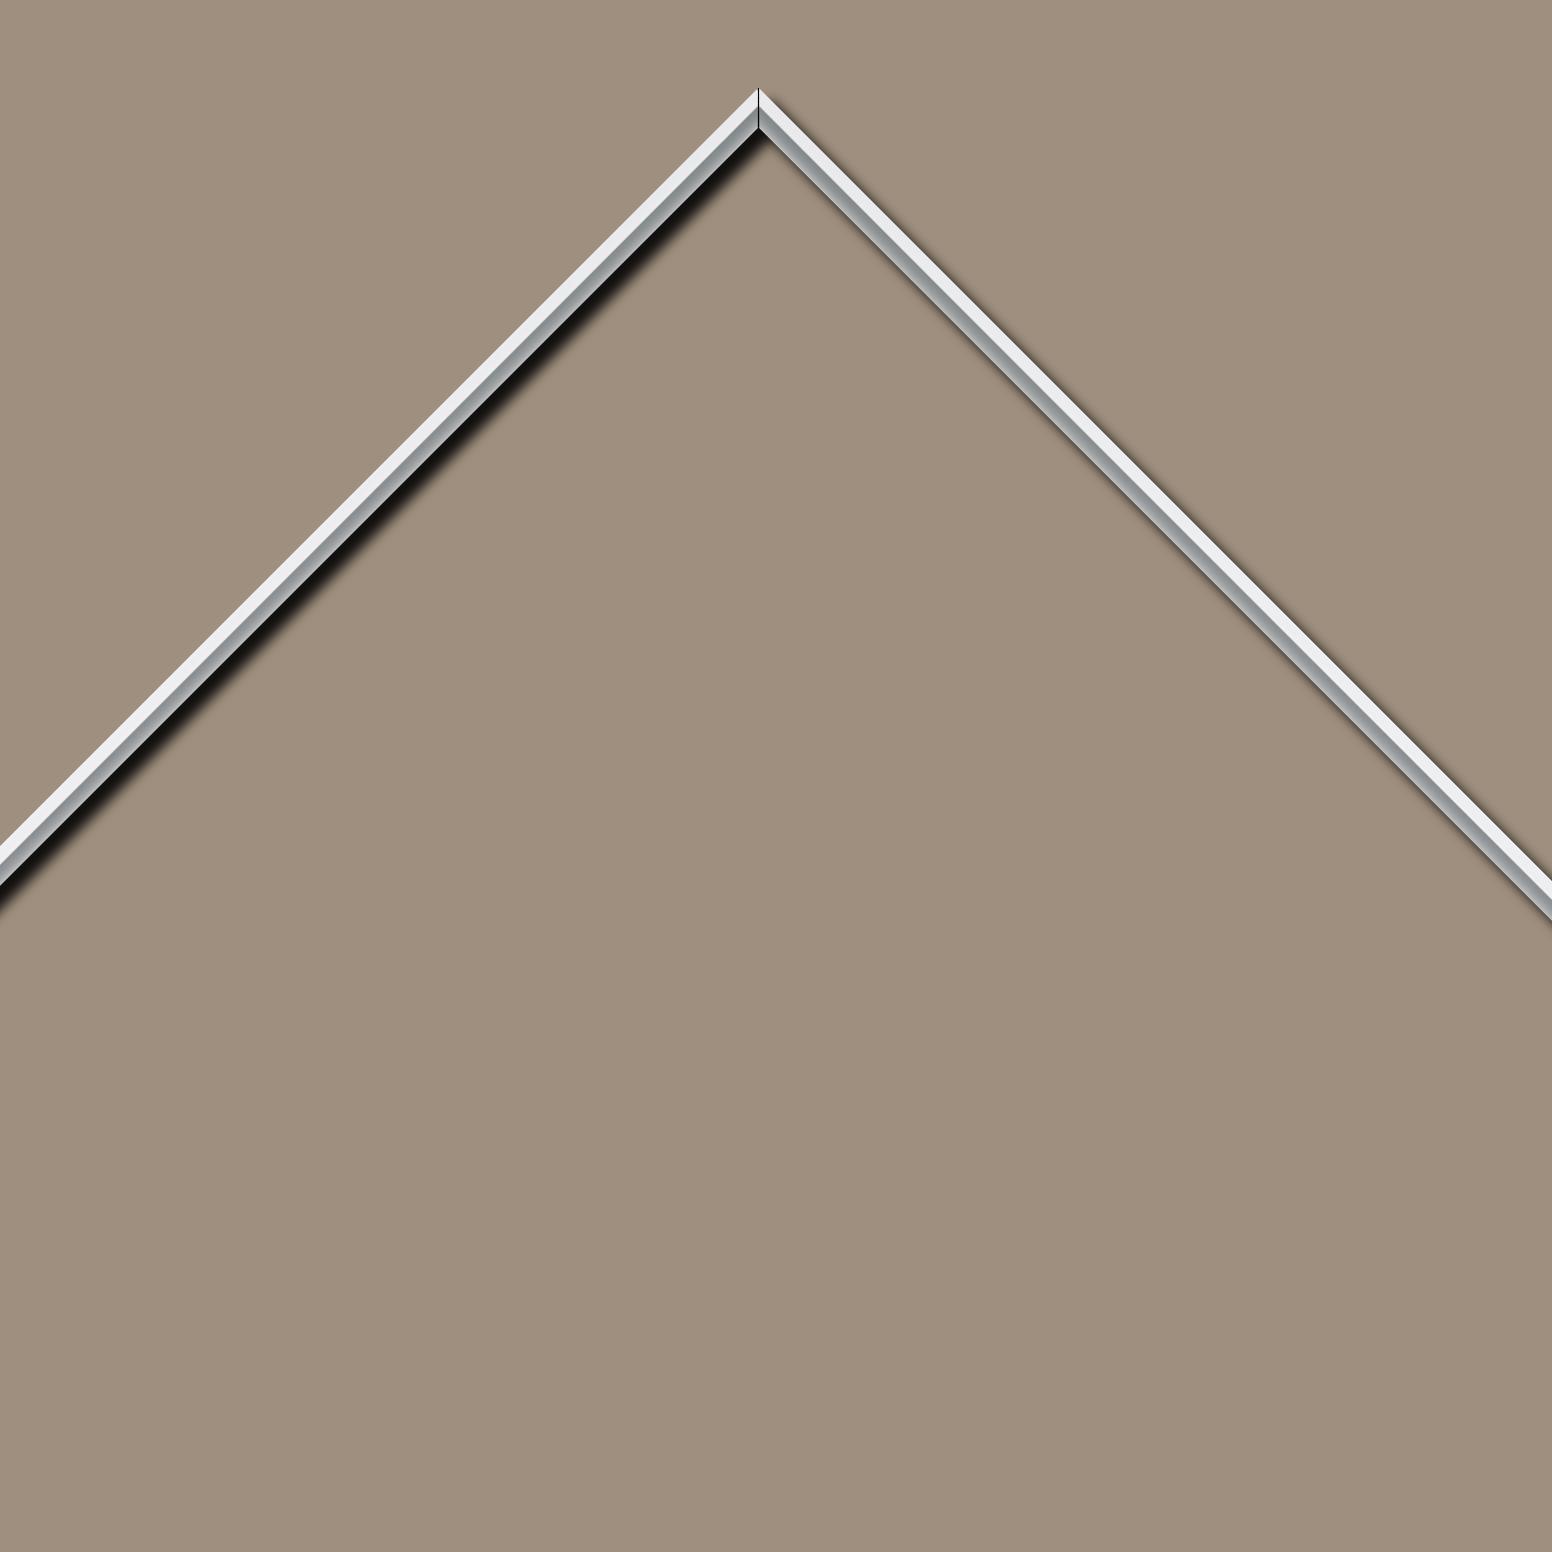 Baguette aluminium profil plat largeur 7mm, couleur blanc mat ,(le sujet qui sera glissé dans le cadre sera en retrait de 9mm de la face du cadre assurant un effet très contemporain) mise en place du sujet rapide et simple: assemblage du cadre par double équerre à vis (livré avec le système d'accrochage qui se glisse dans le profilé) encadrement non assemblé,  livré avec son sachet d'accessoires